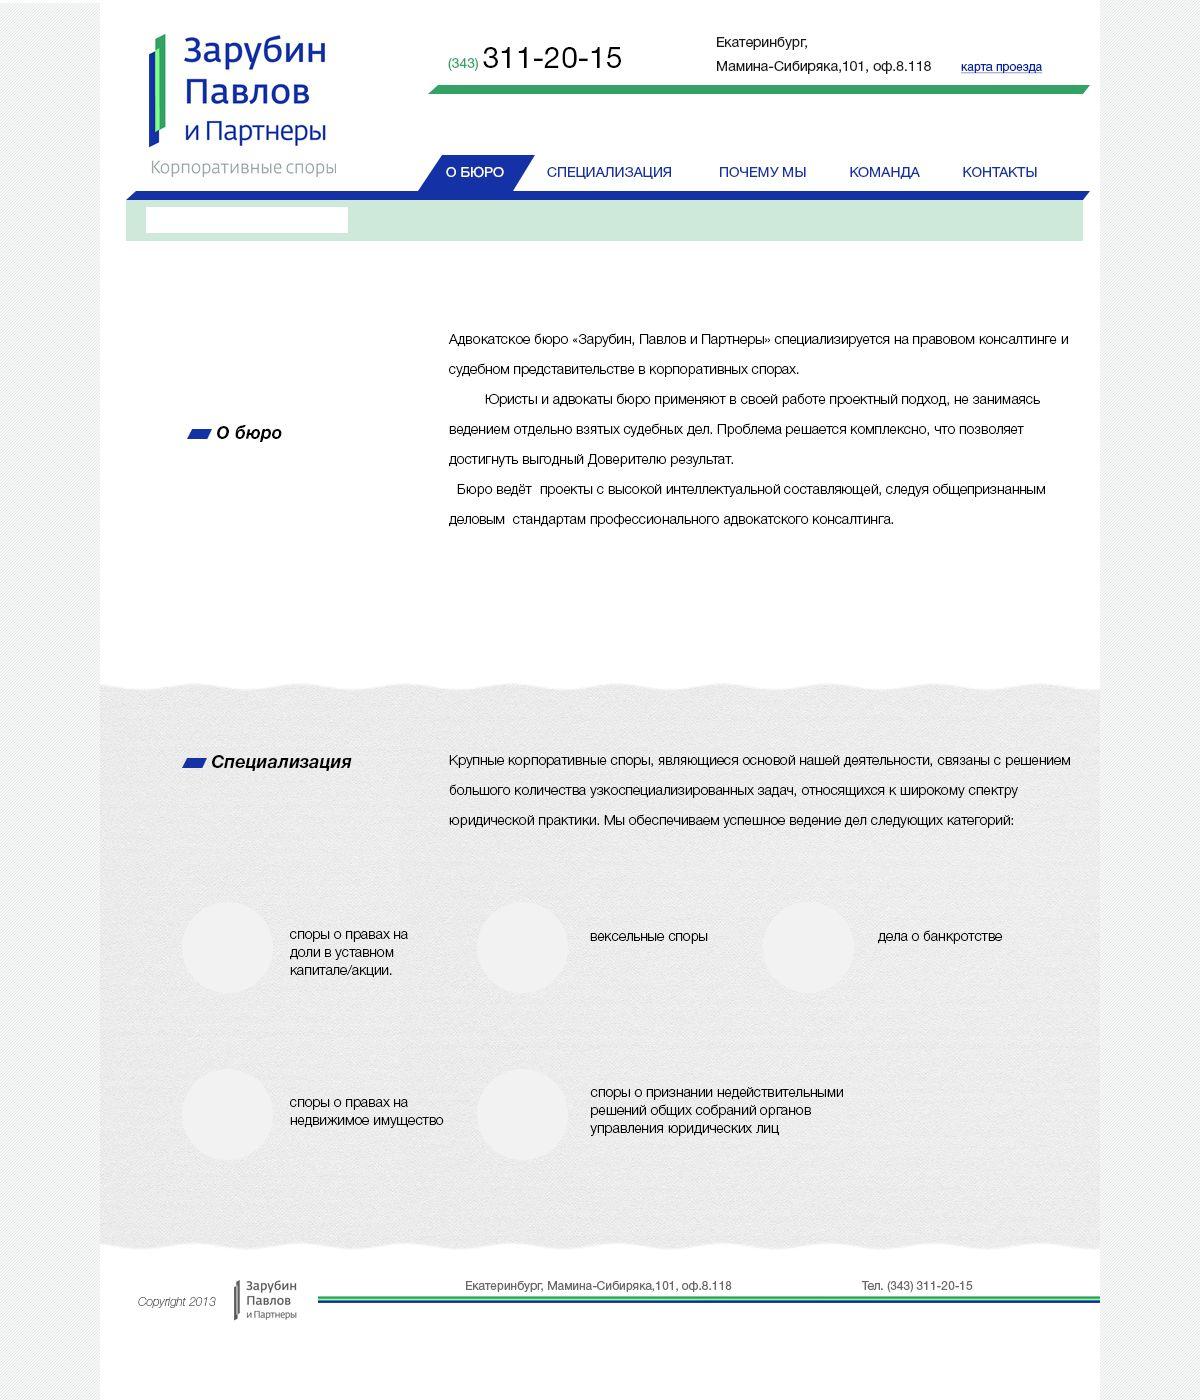 Дизайн сайта для адвокатского бюро. - дизайнер Iuliok